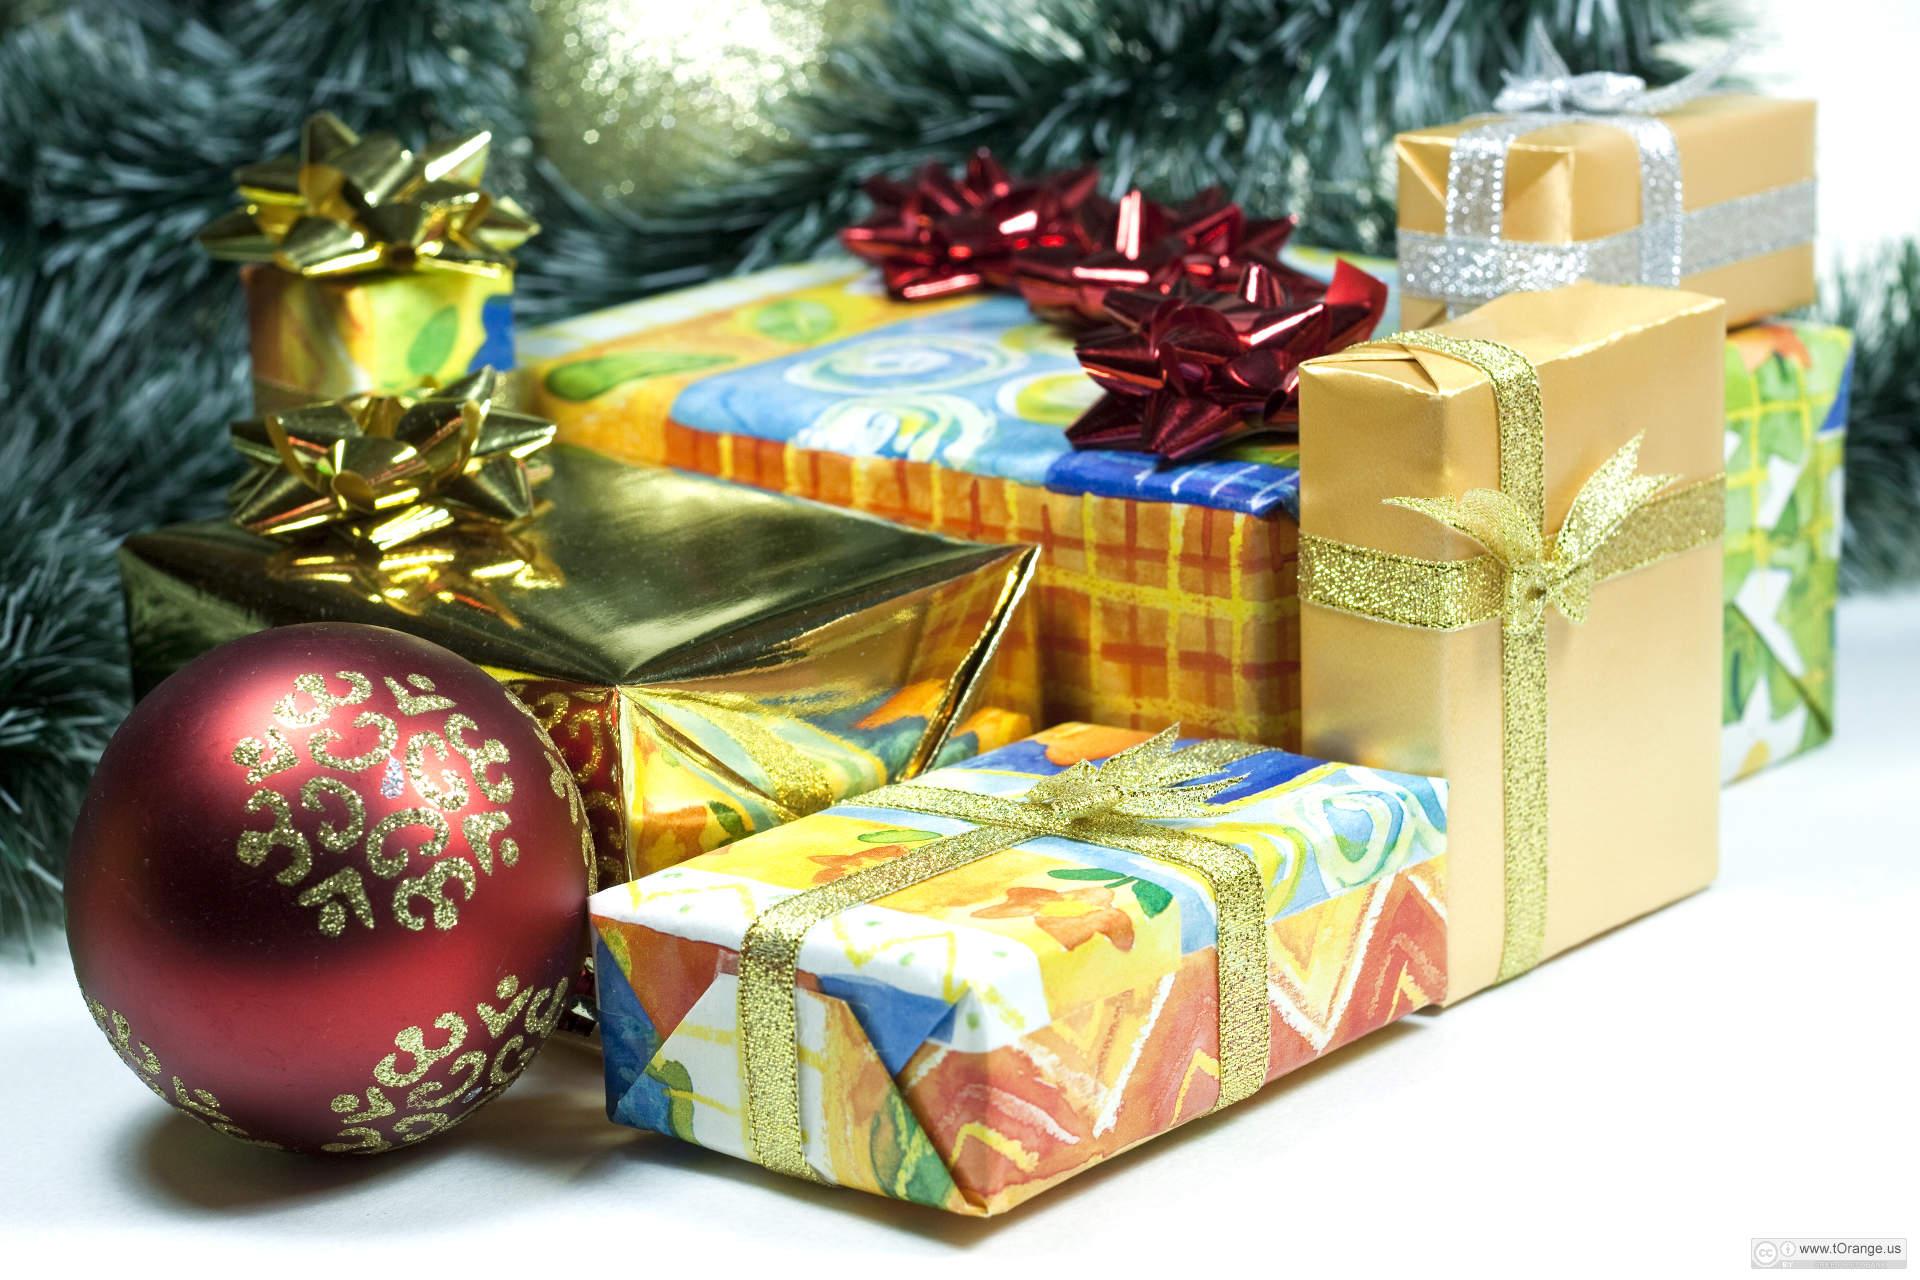 Каталог подарков и сувениров на торжество или праздник. - Ларес 84